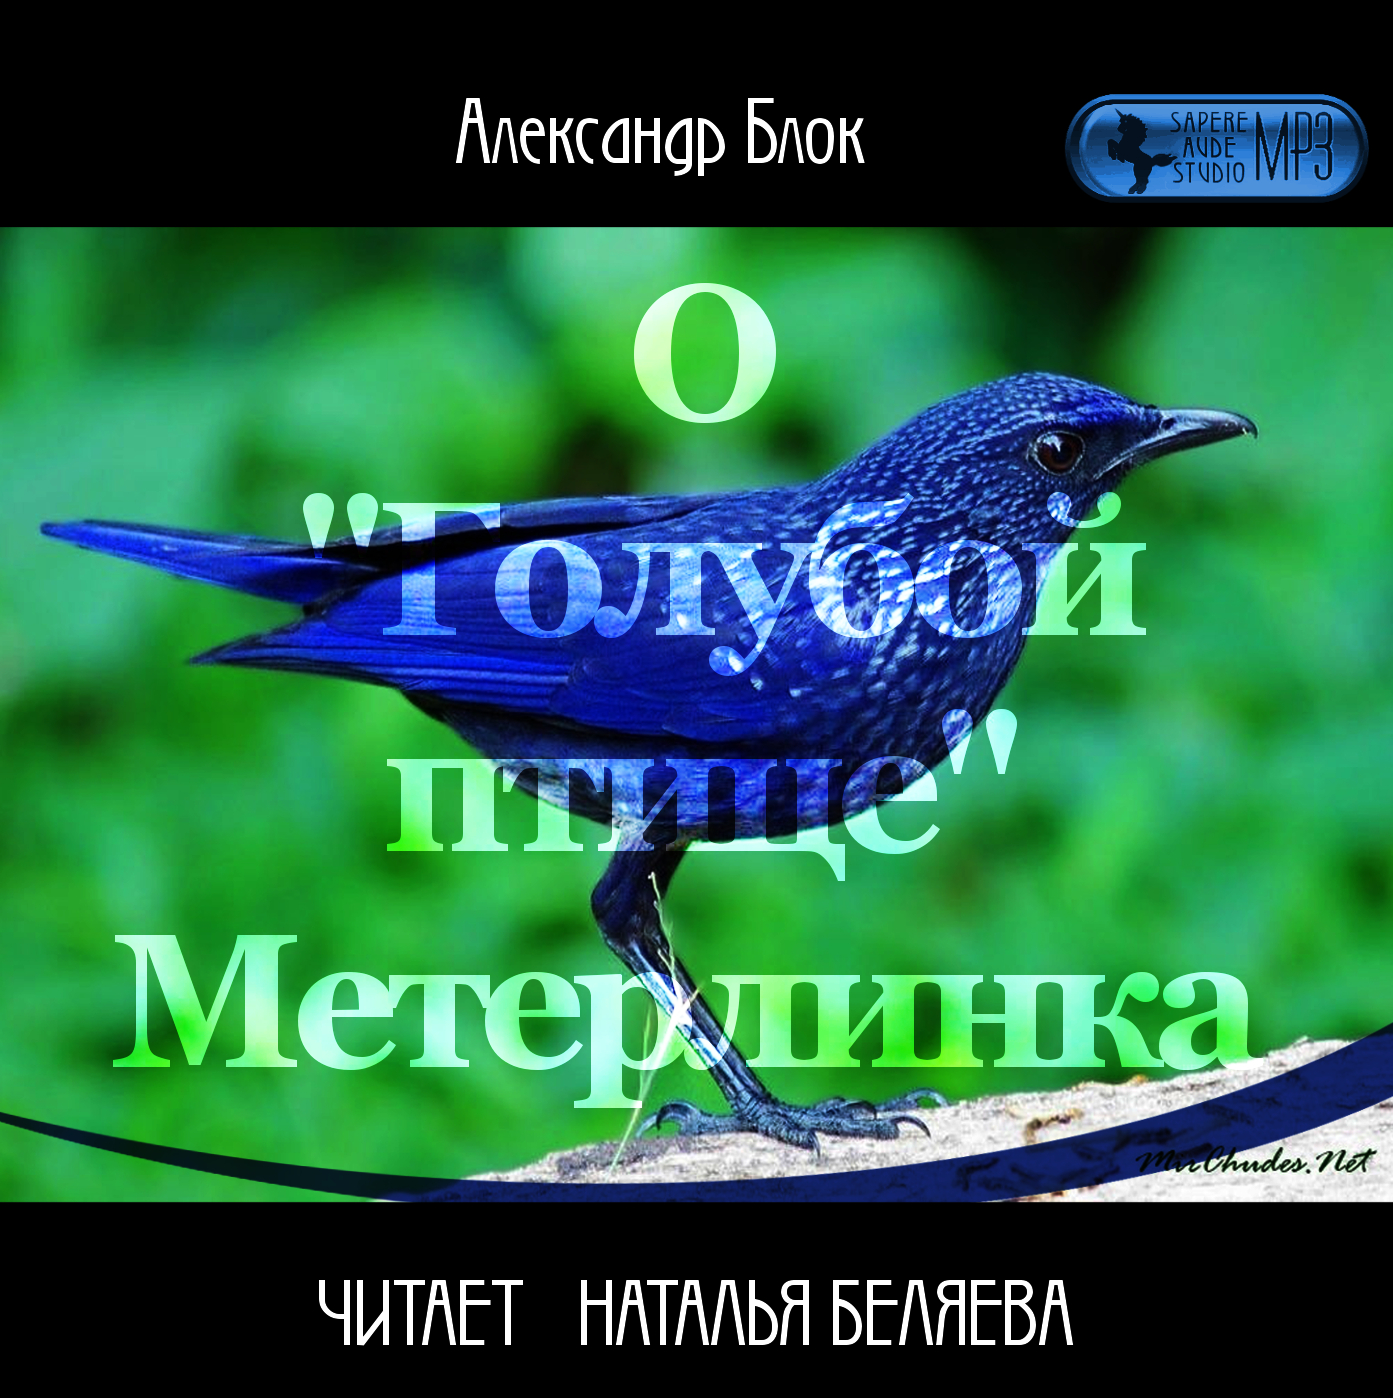 О «Голубой Птице» Метерлинка